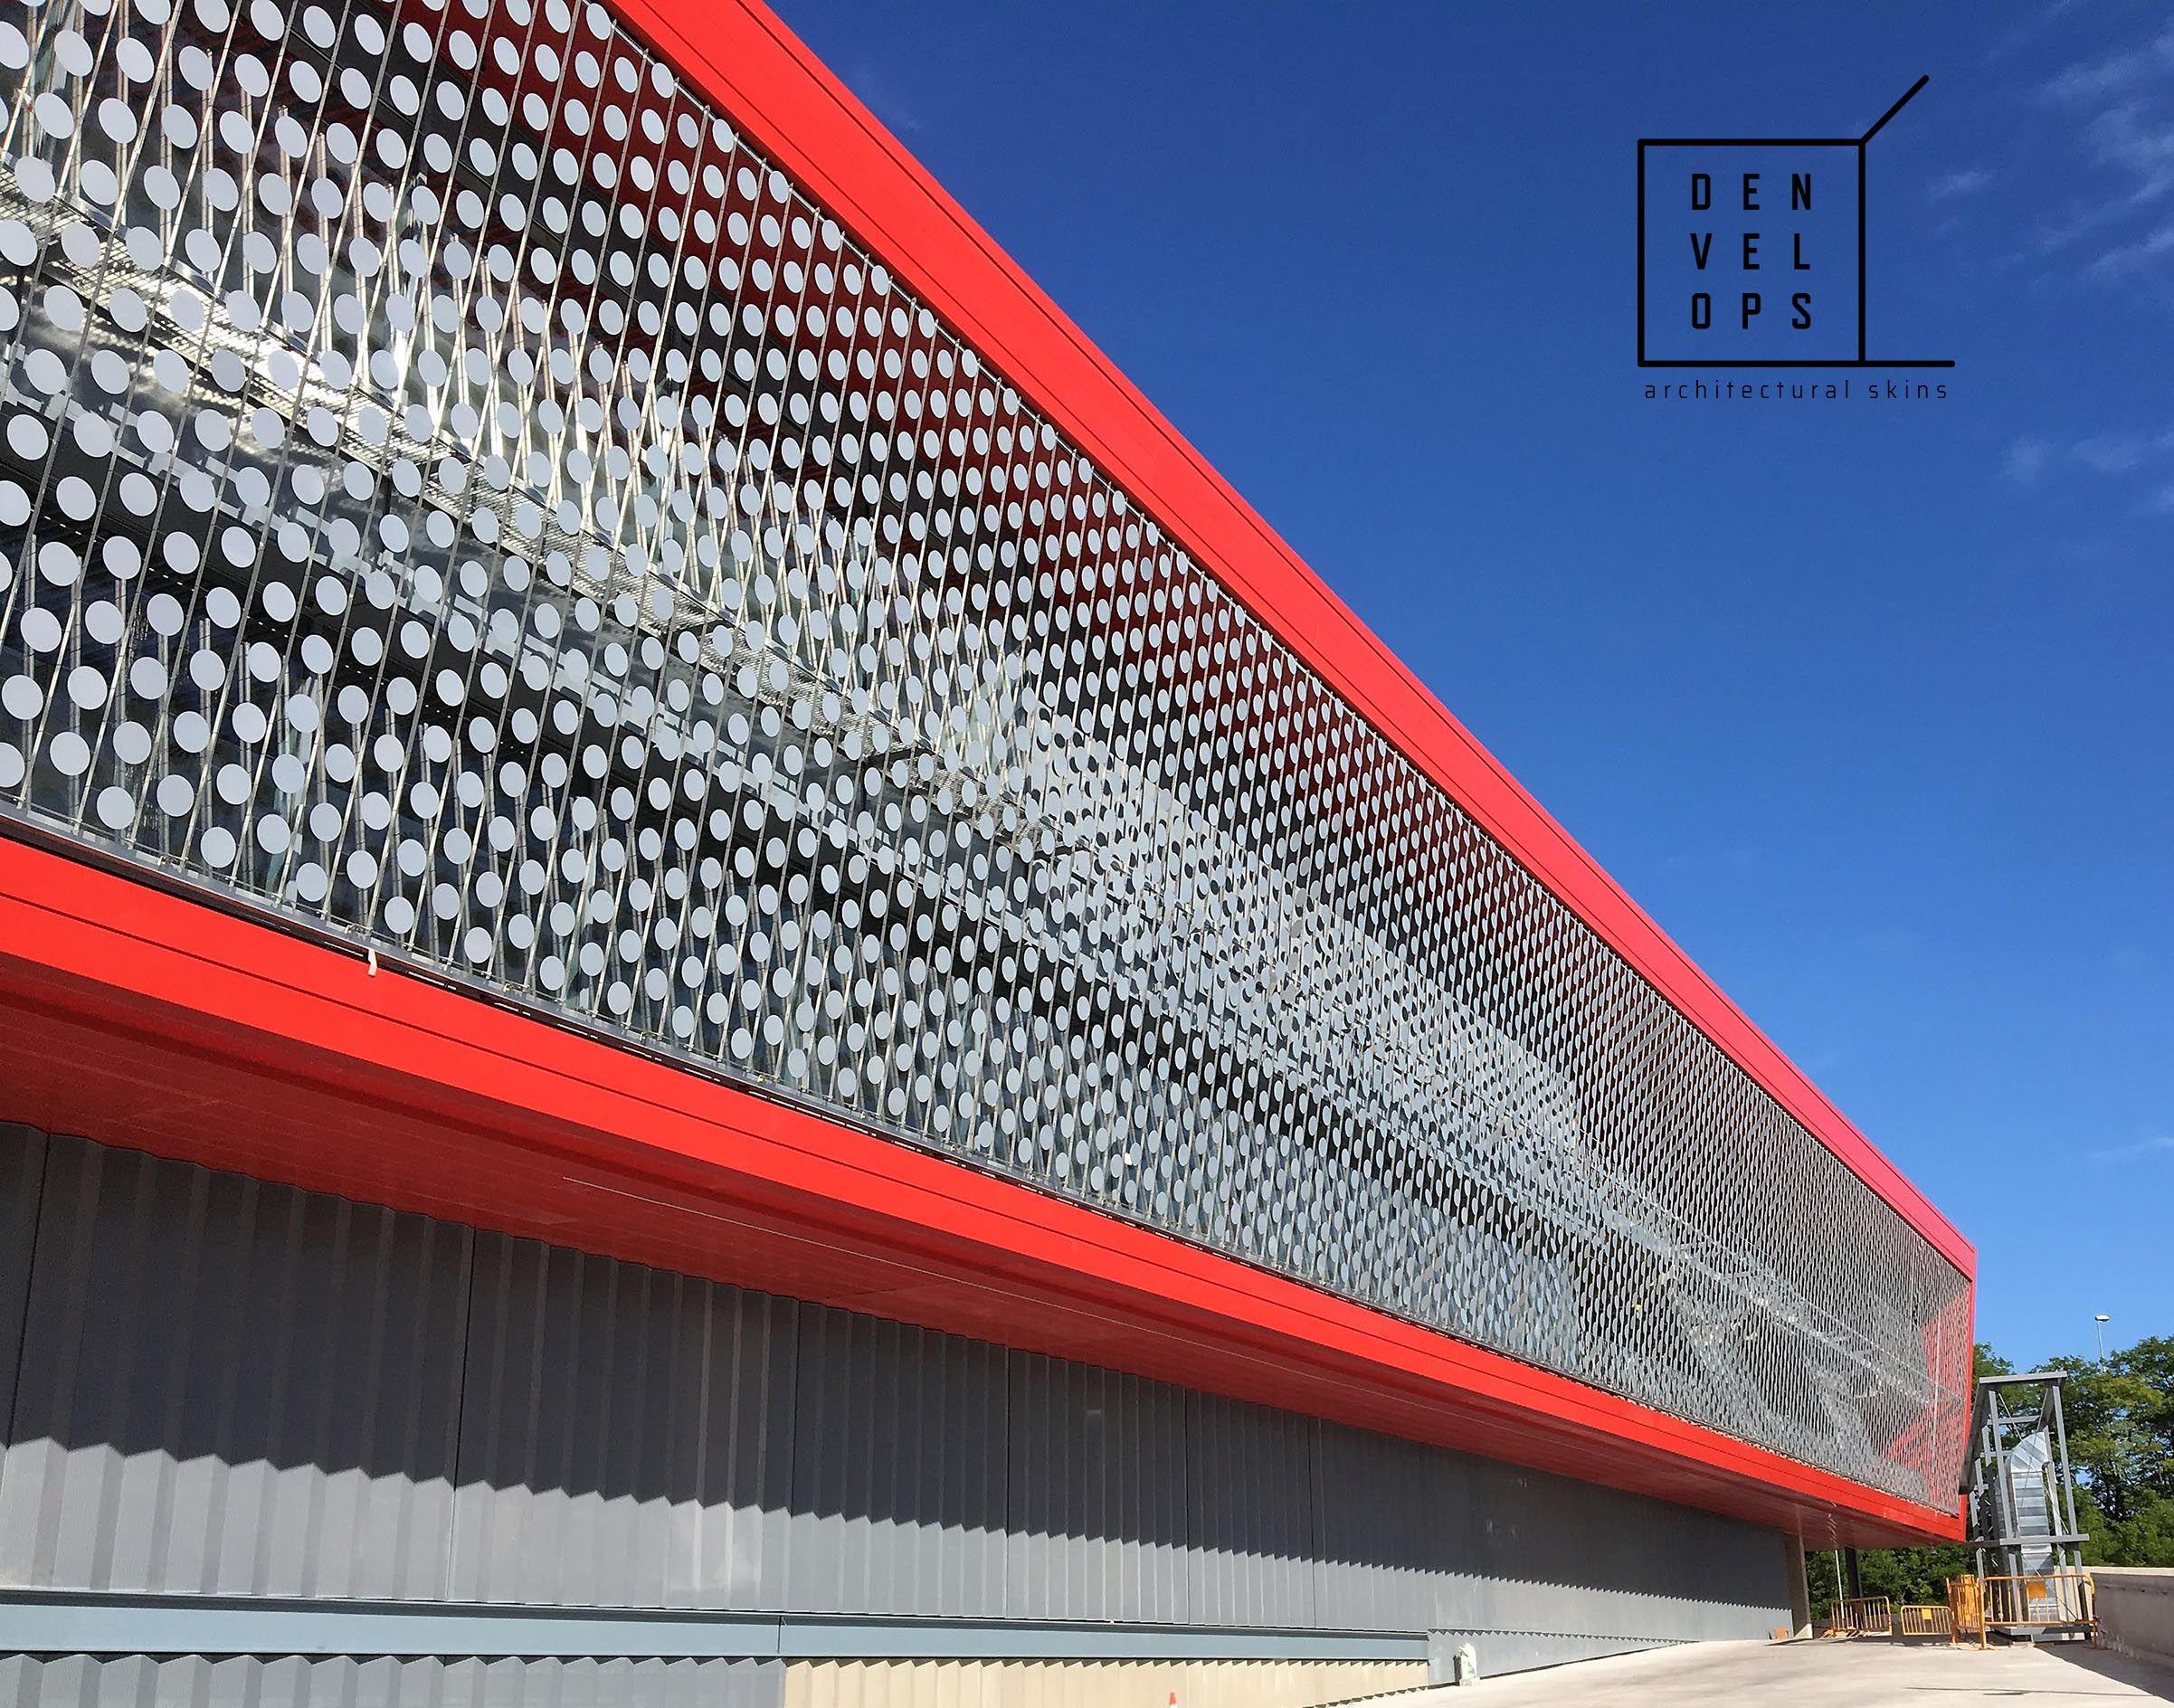 Denvelops®: Revestimientos arquitectónicos extrafinos y customizados